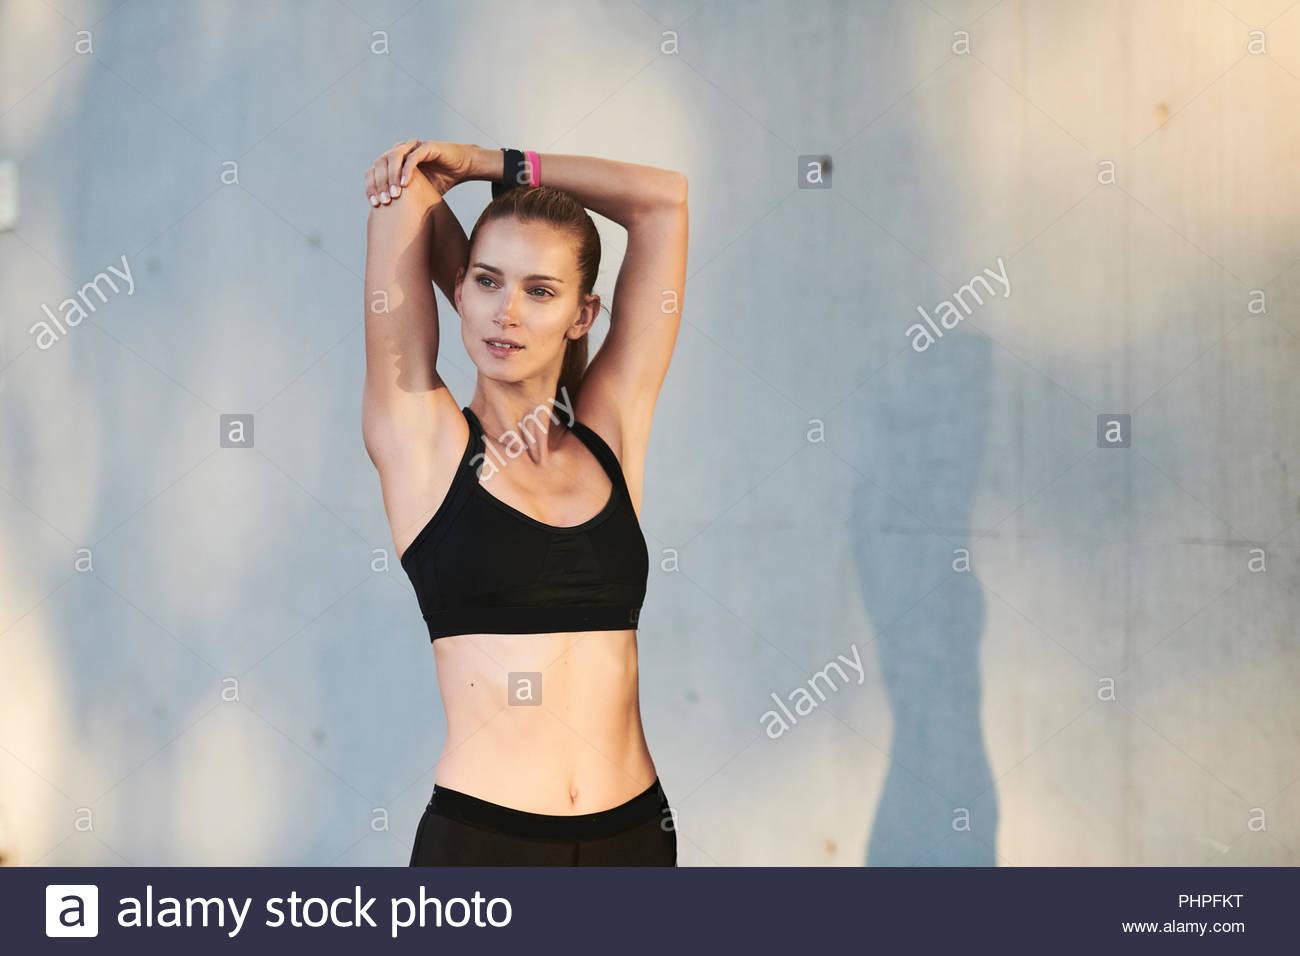 Mujer vistiendo un sujetador deportivo estiramientos Imagen De Stock